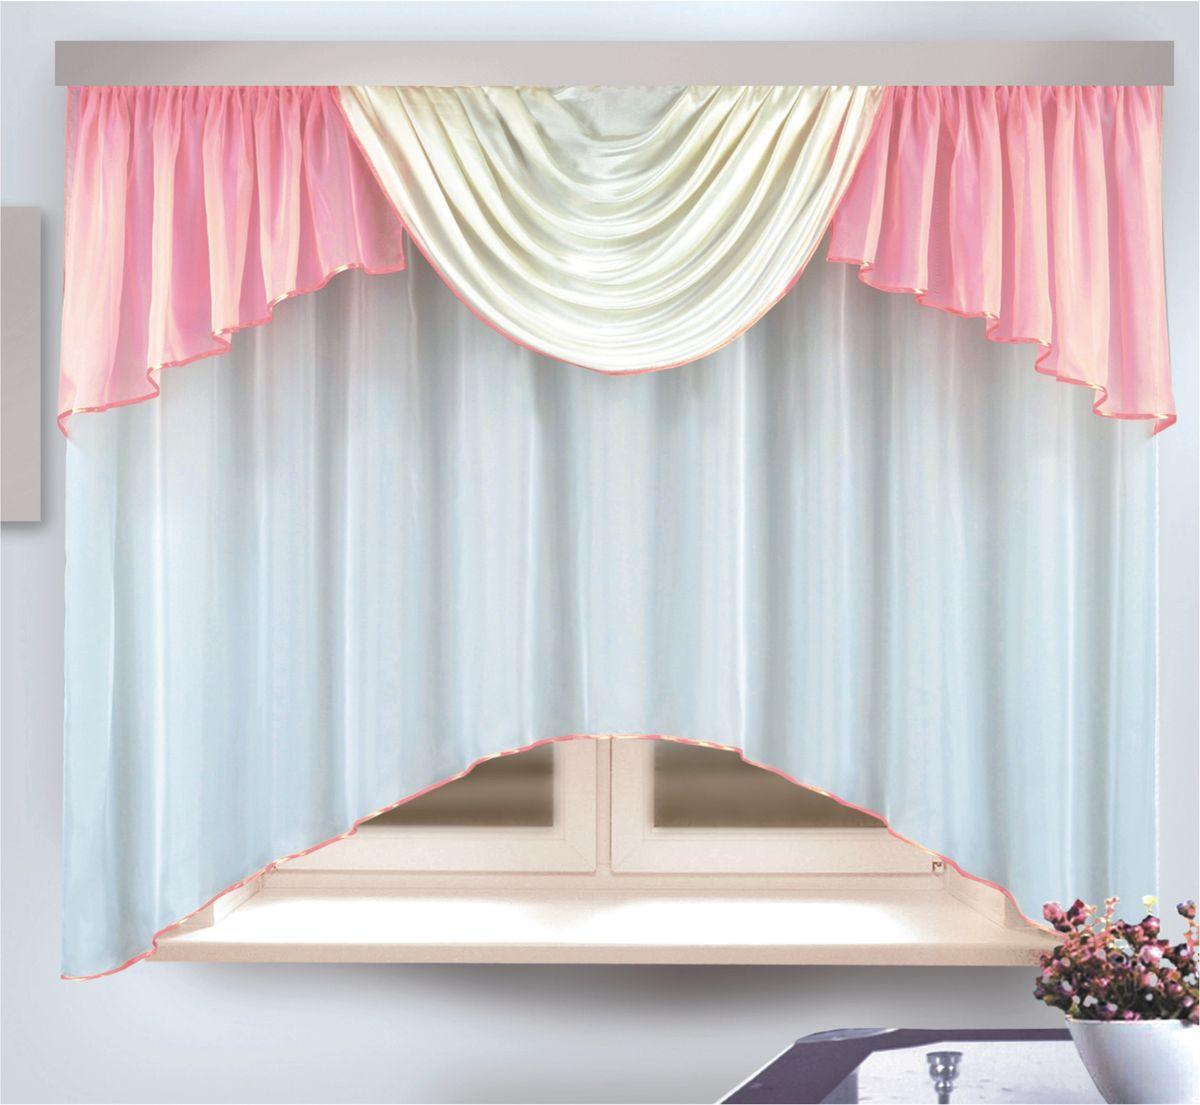 Комплект штор для кухни Zlata Korunka, на ленте, цвет: розовый, высота 170 см. 333312333312Комплект штор для кухни Zlata Korunka, выполненный из полиэстера, великолепно украсит любое окно. Комплект состоит из тюля и ламбрекена. Оригинальный крой и приятная цветовая гамма привлекут к себе внимание и органично впишутся в интерьер помещения. Этот комплект будет долгое время радовать вас и вашу семью!Комплект крепится на карниз при помощи ленты, которая поможет красиво и равномерно задрапировать верх.В комплект входит: Тюль: 1 шт. Размер (Ш х В): 290 х 170 см.Ламбрекен: 1 шт. Размер (Ш х В): 450 х 80 см.